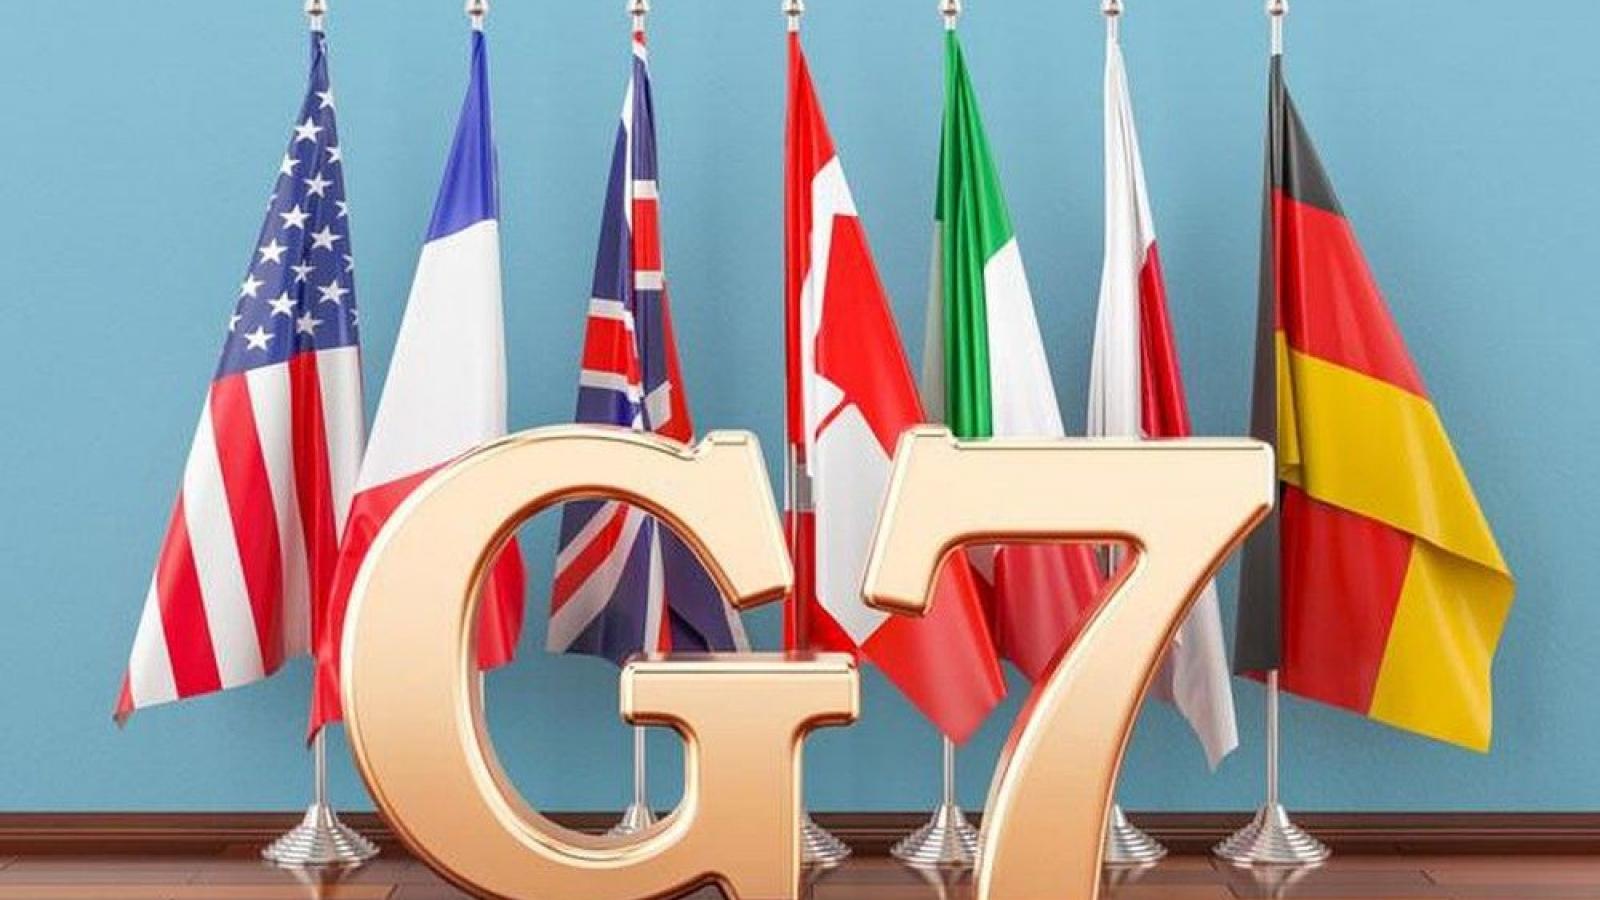 Tổng thống Trump đang cân nhắc nối lại tổ chức Hội nghị G7 tại Mỹ